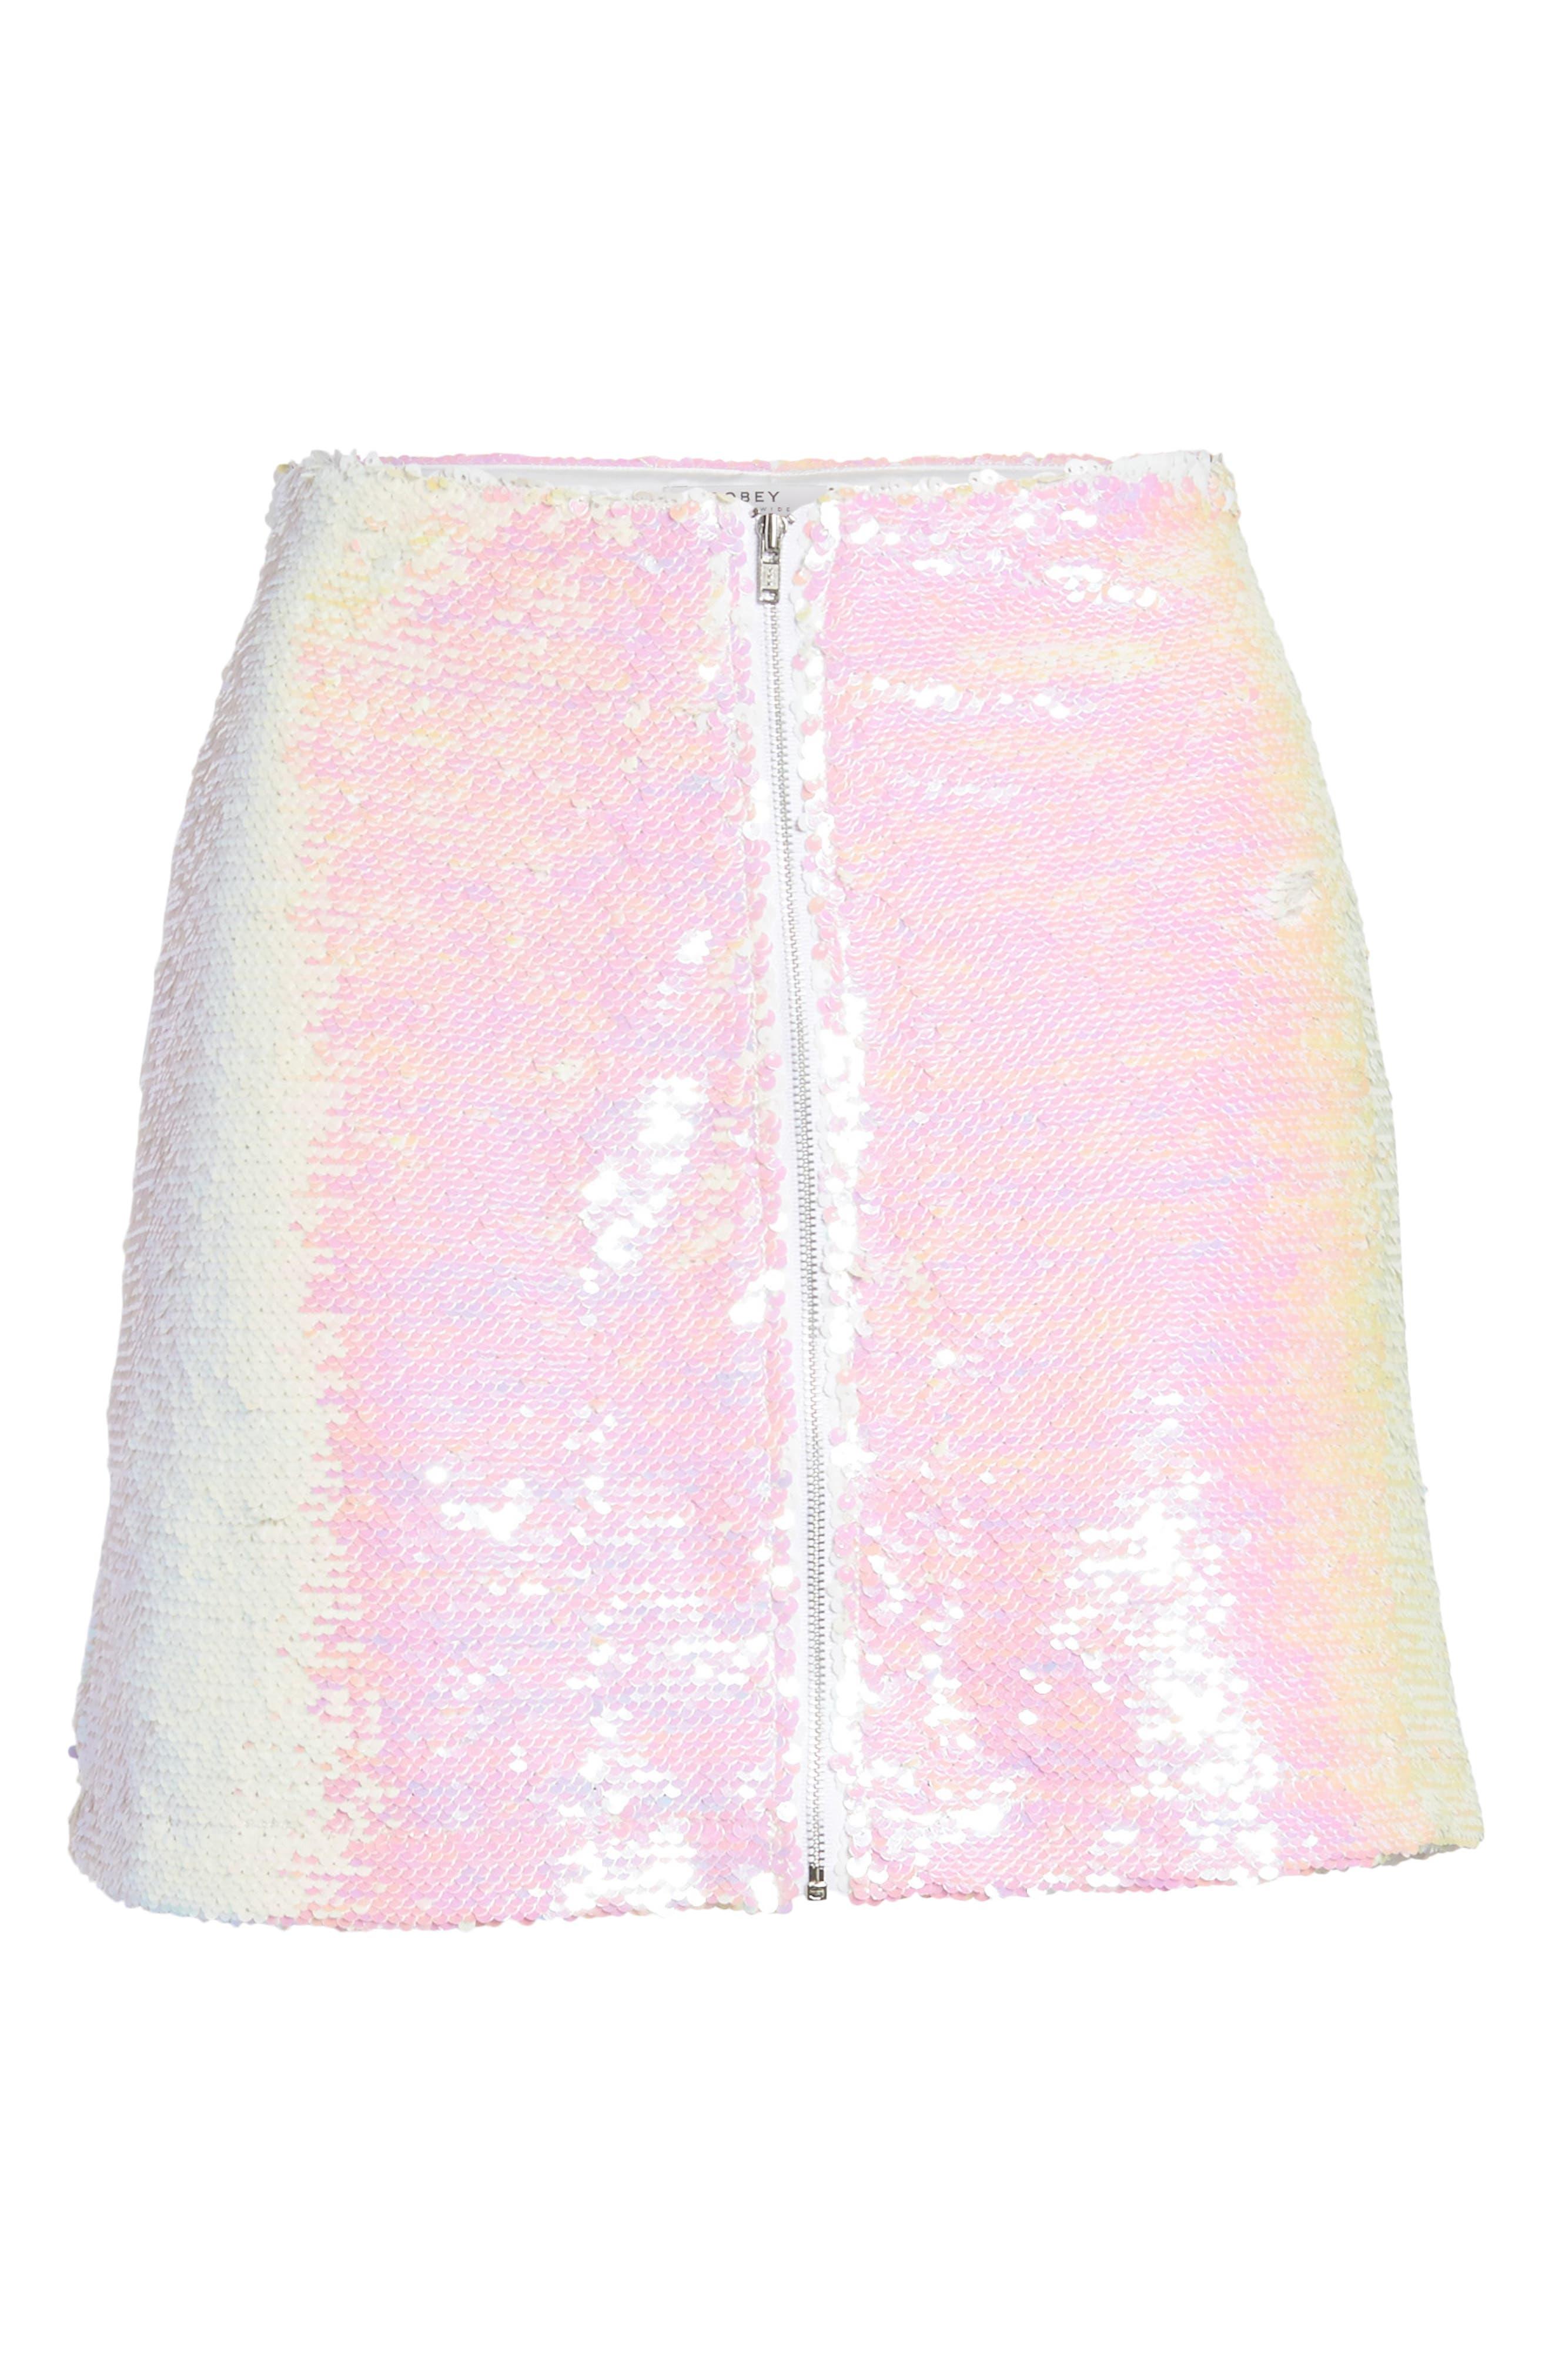 Kool Thing Sequin Skirt,                             Alternate thumbnail 6, color,                             650